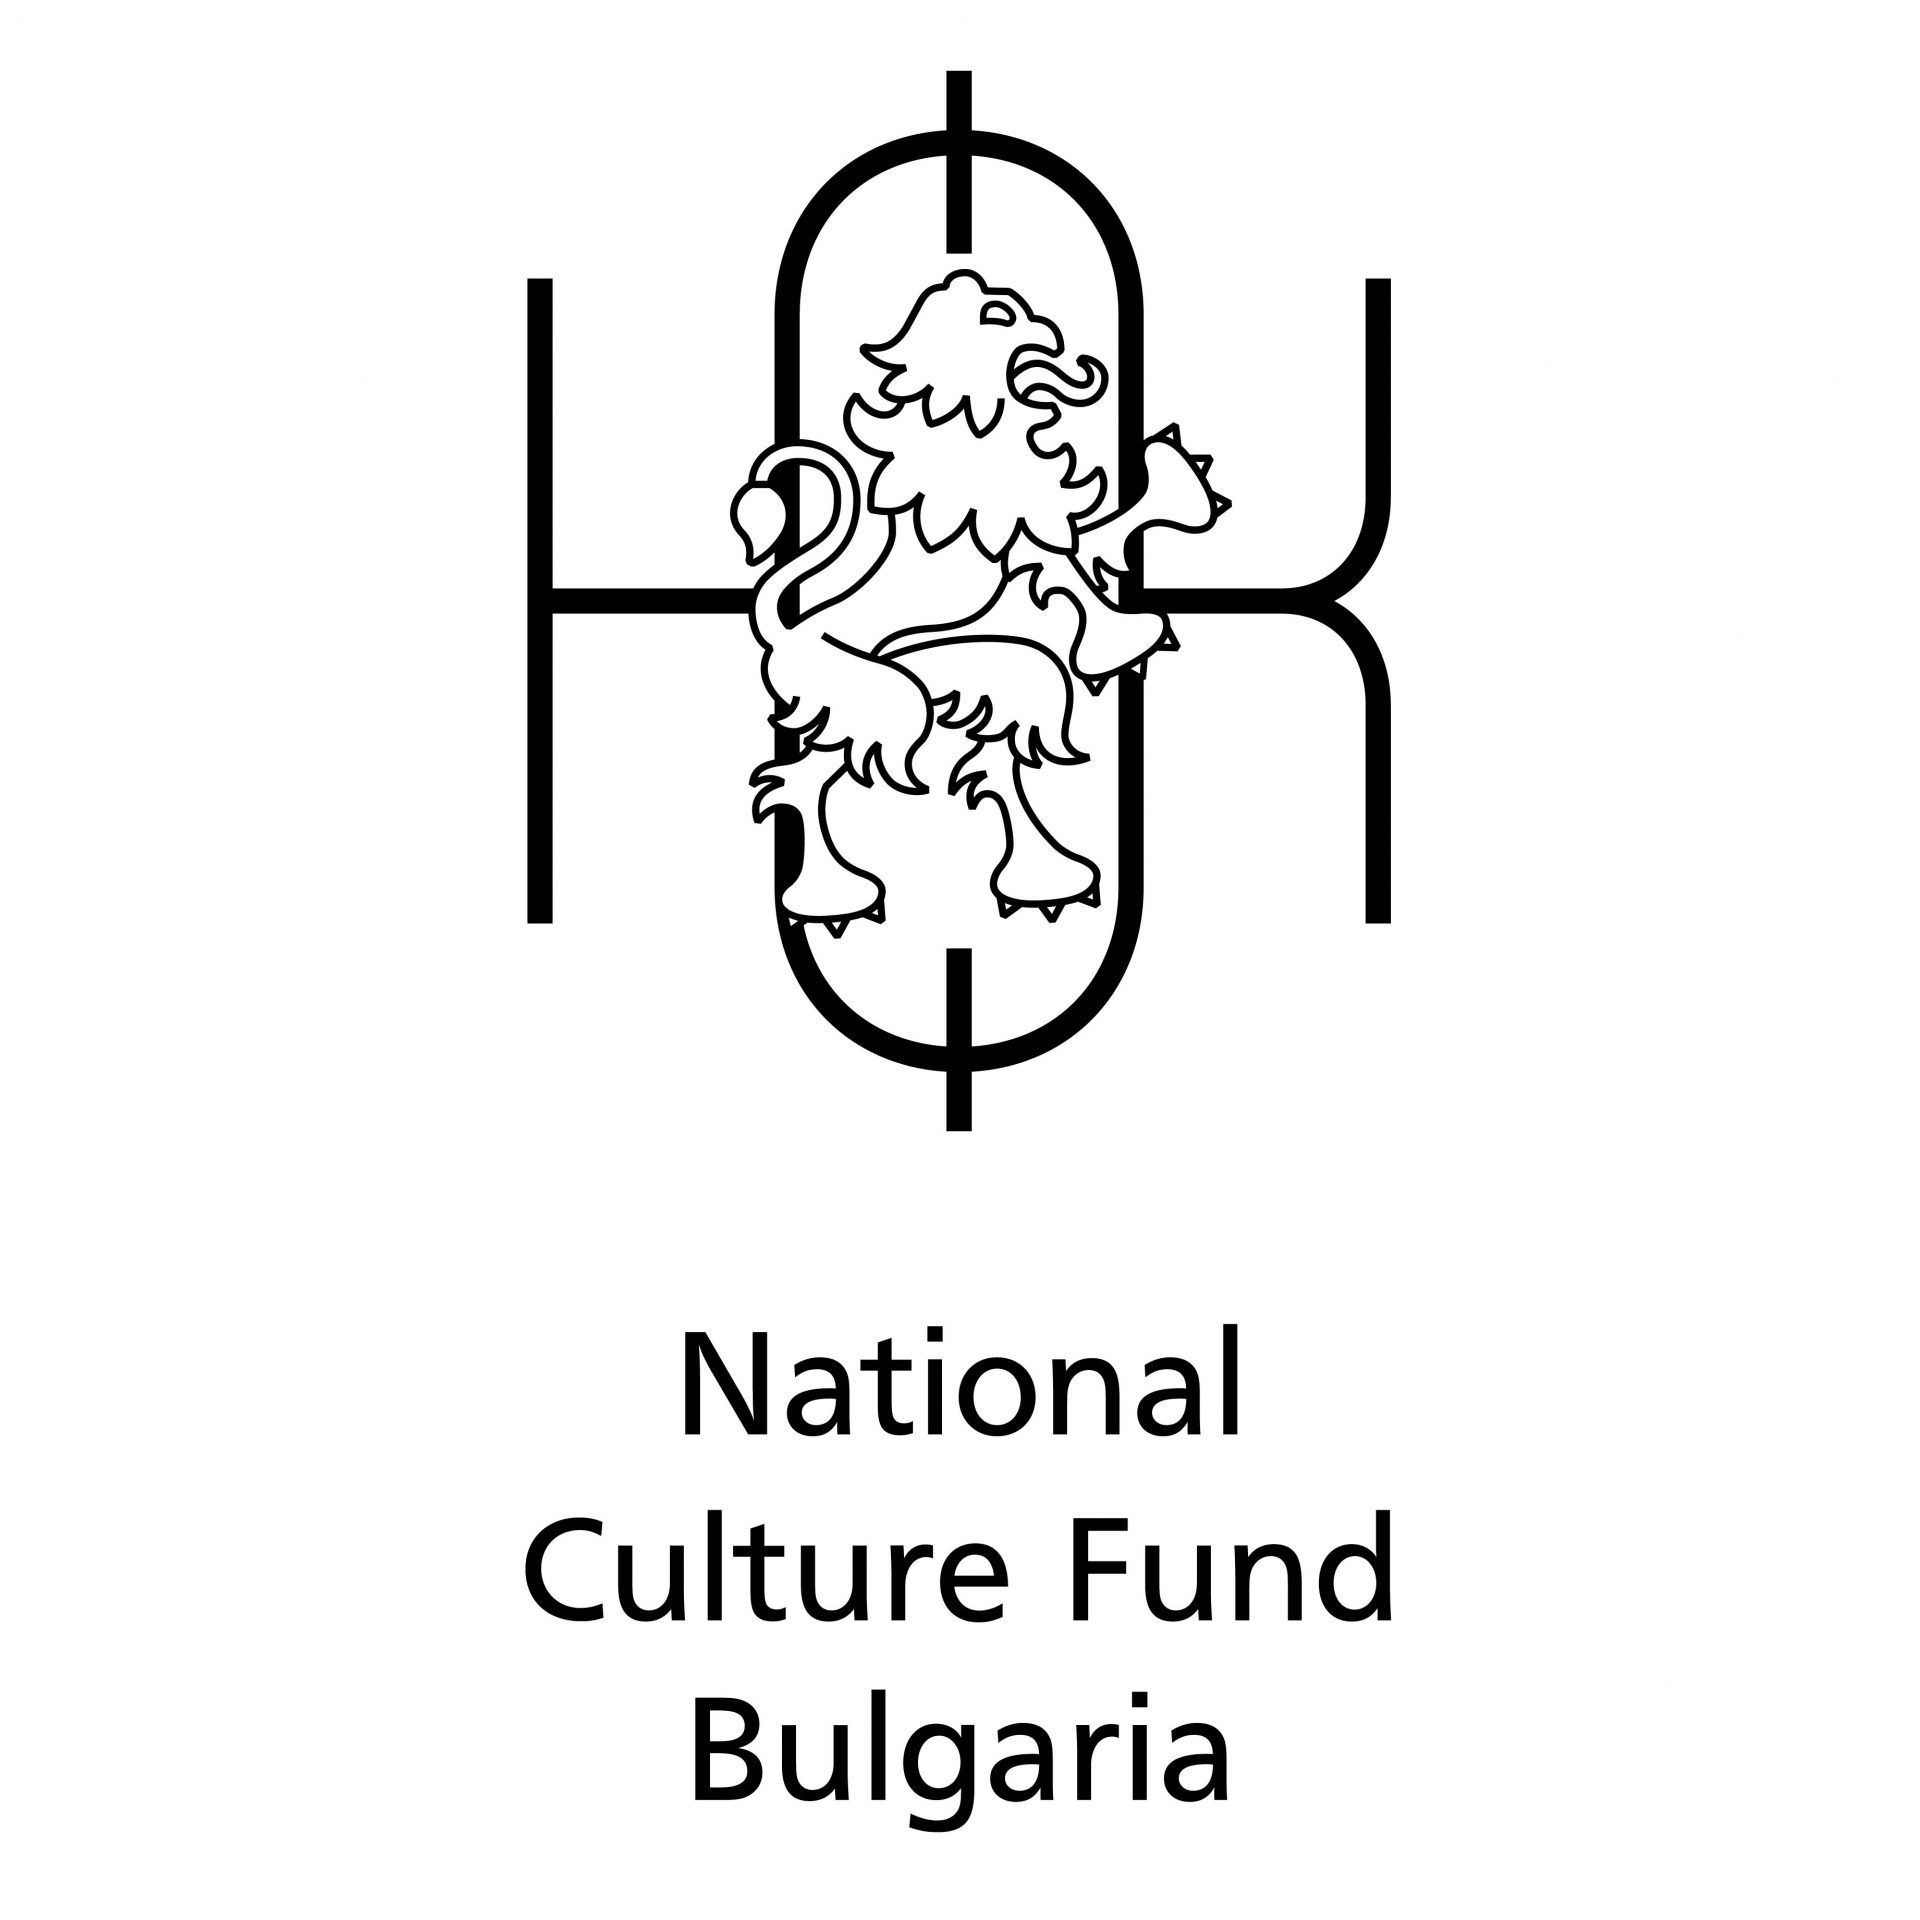 NCF Bulgaria